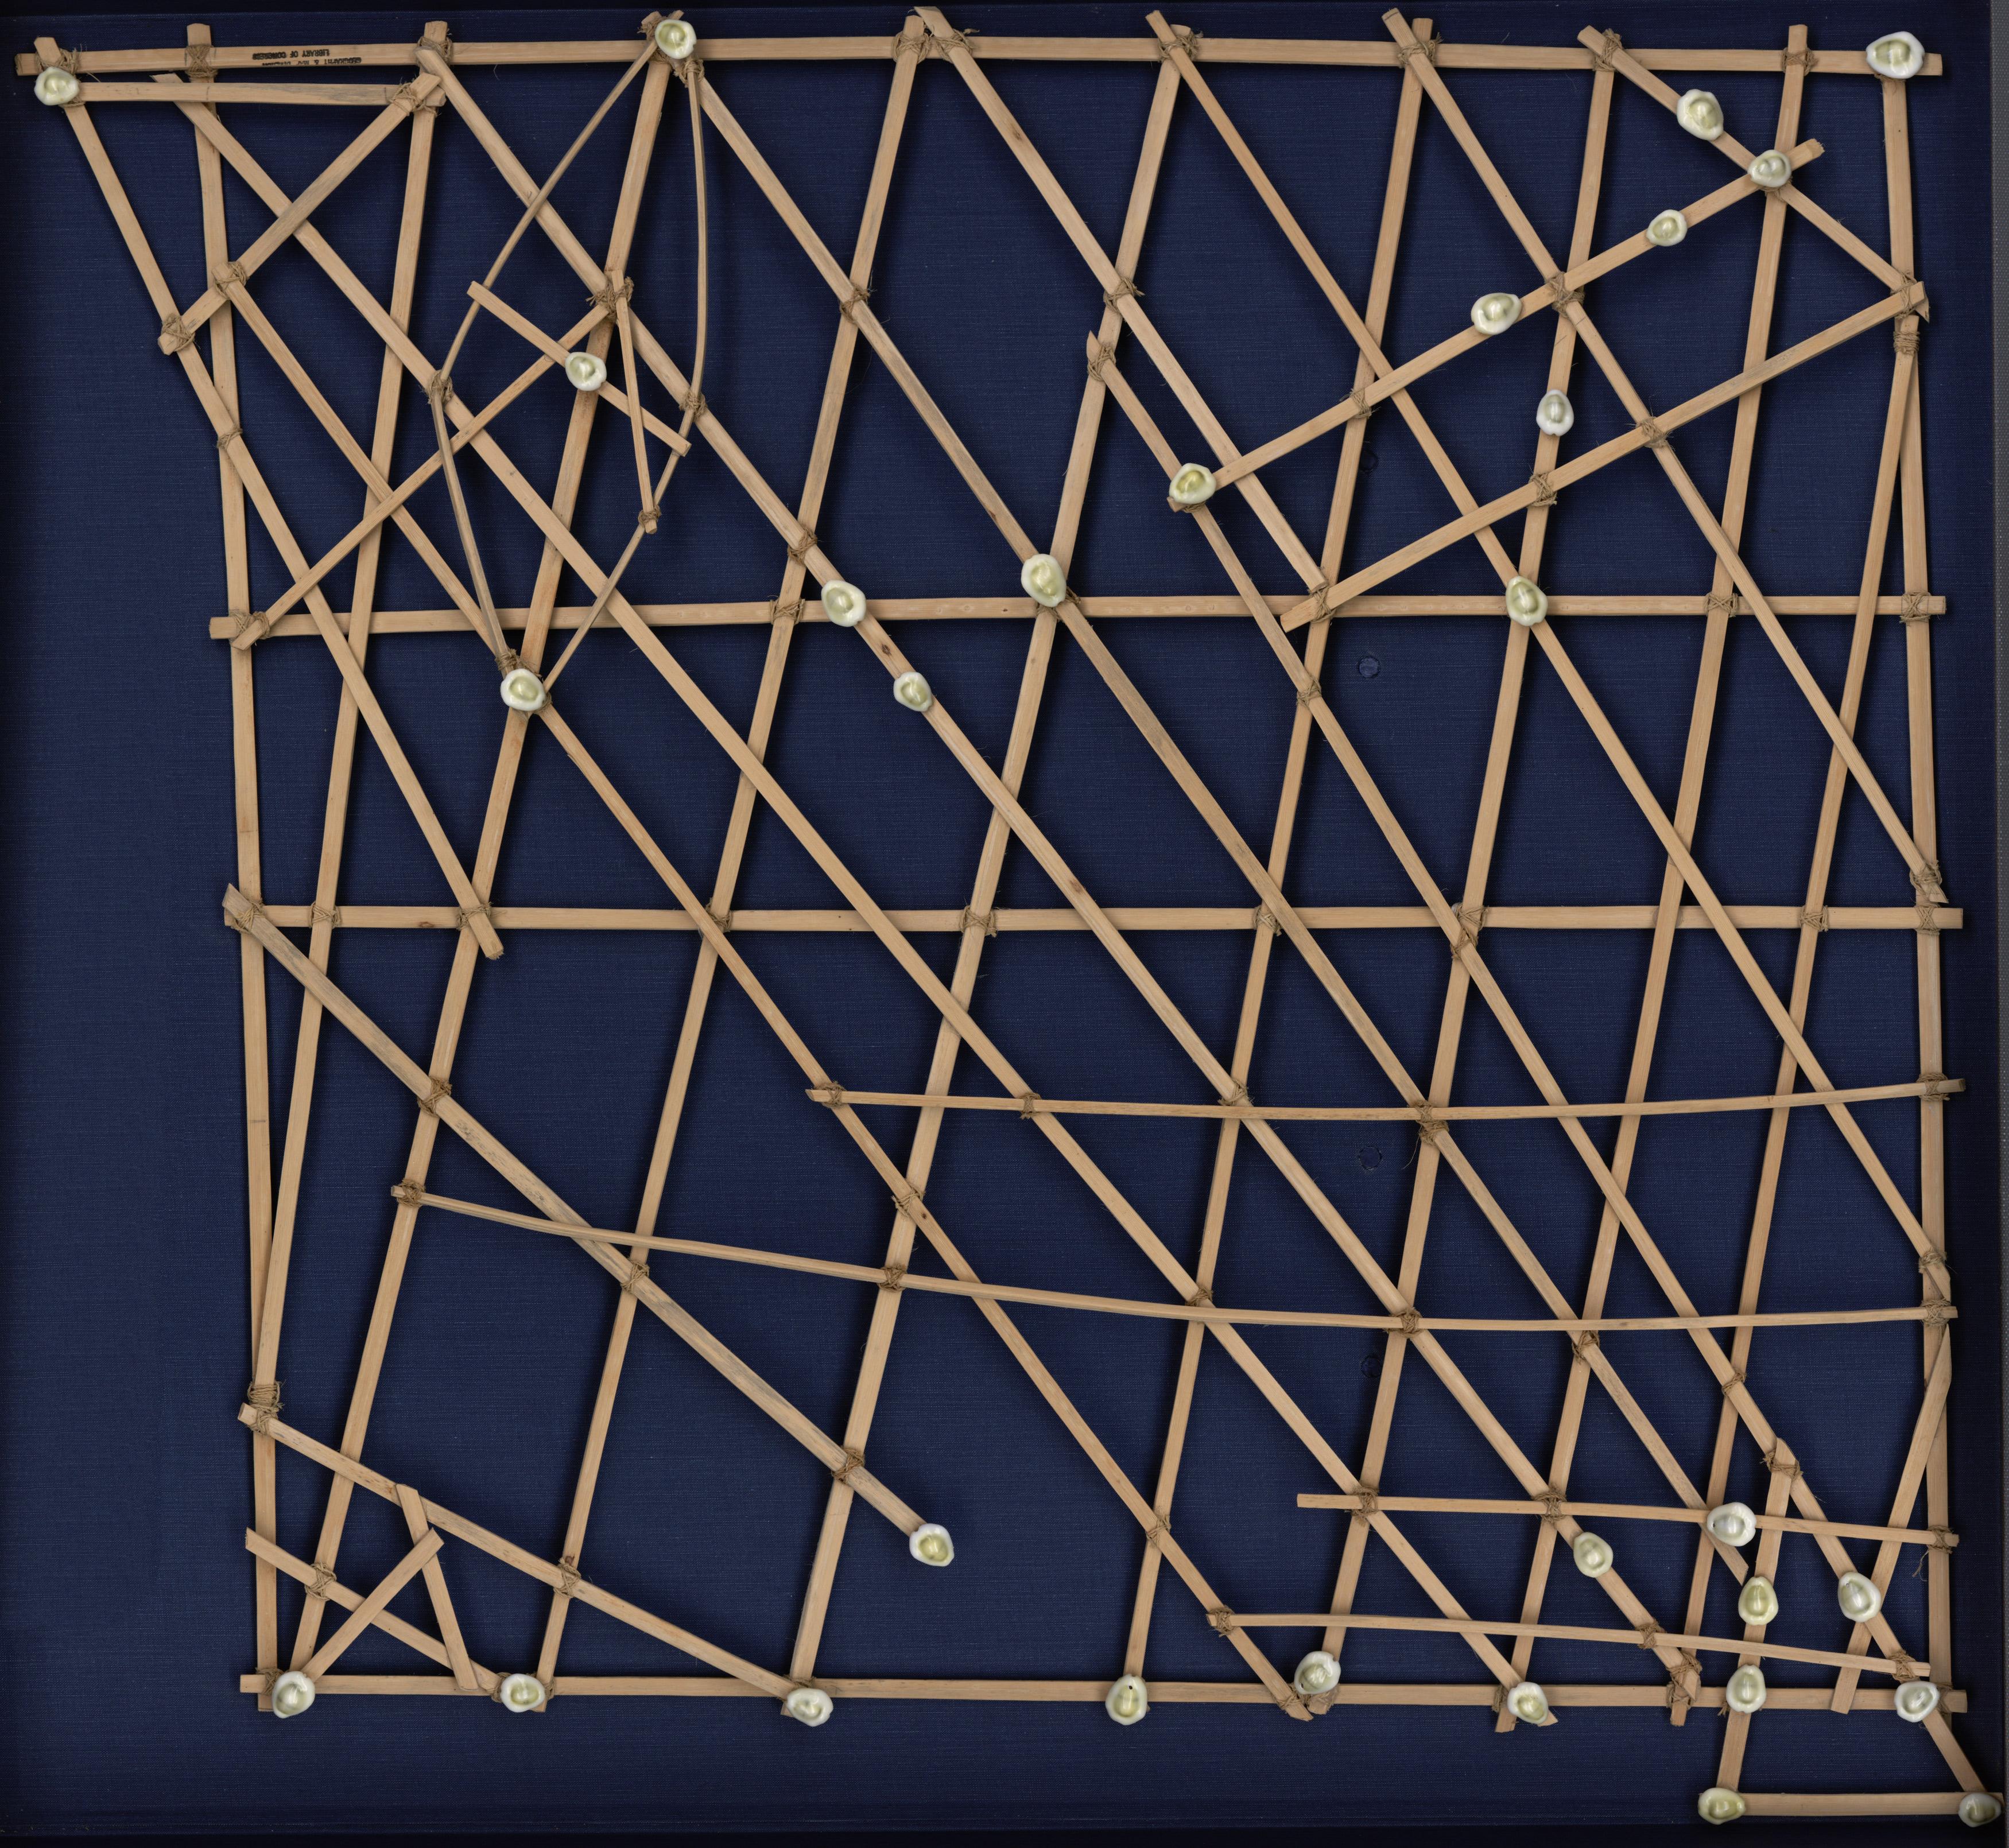 polynesie carte bois baton mer vague 02 Cartes polynésiennes de la houle en bouts de bois information histoire featured carte information